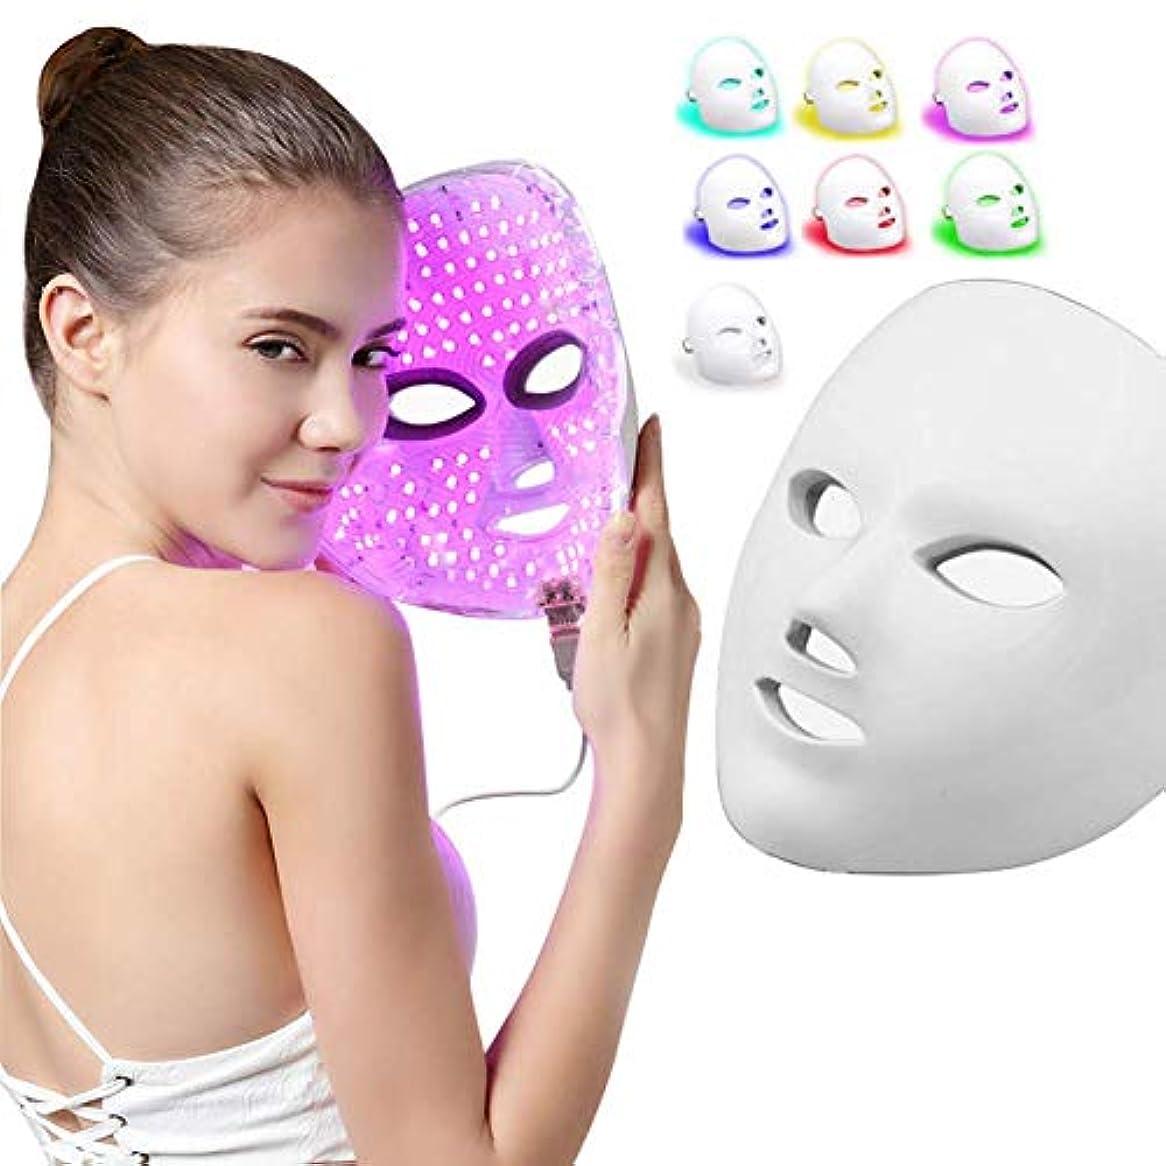 面助言する驚いたことにライトセラピーマスク、7色フォトンフェイスマスクマシンマスクビューティープロアクティブスキンケアアンチエイジングファーミングスキン改善ファインライン